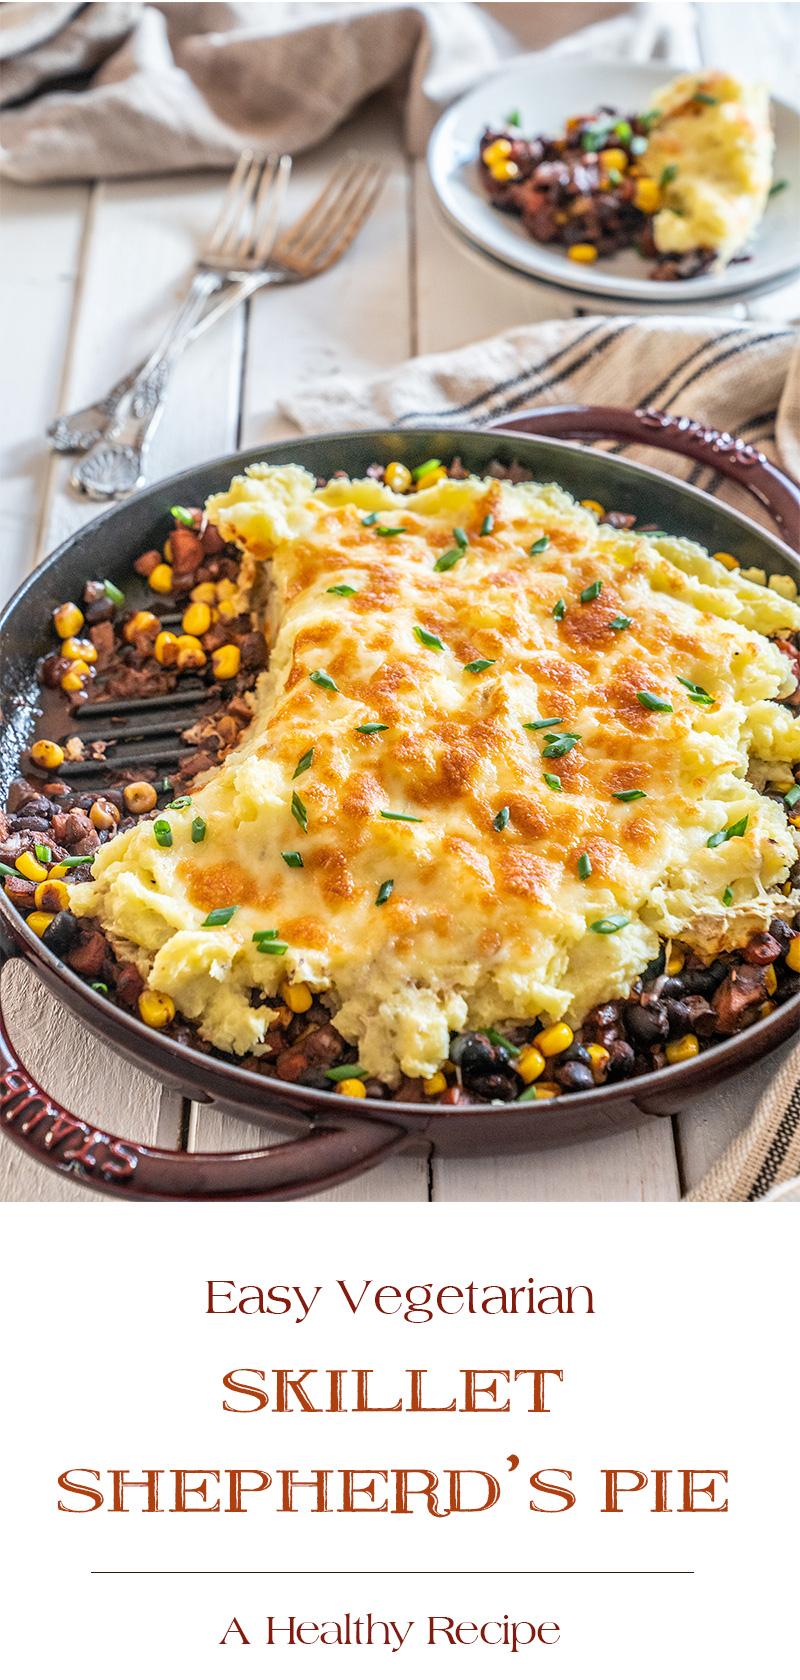 Easy-Vegetarian-Skillet-Shepherds-Pie-A-Healthy-Recipe